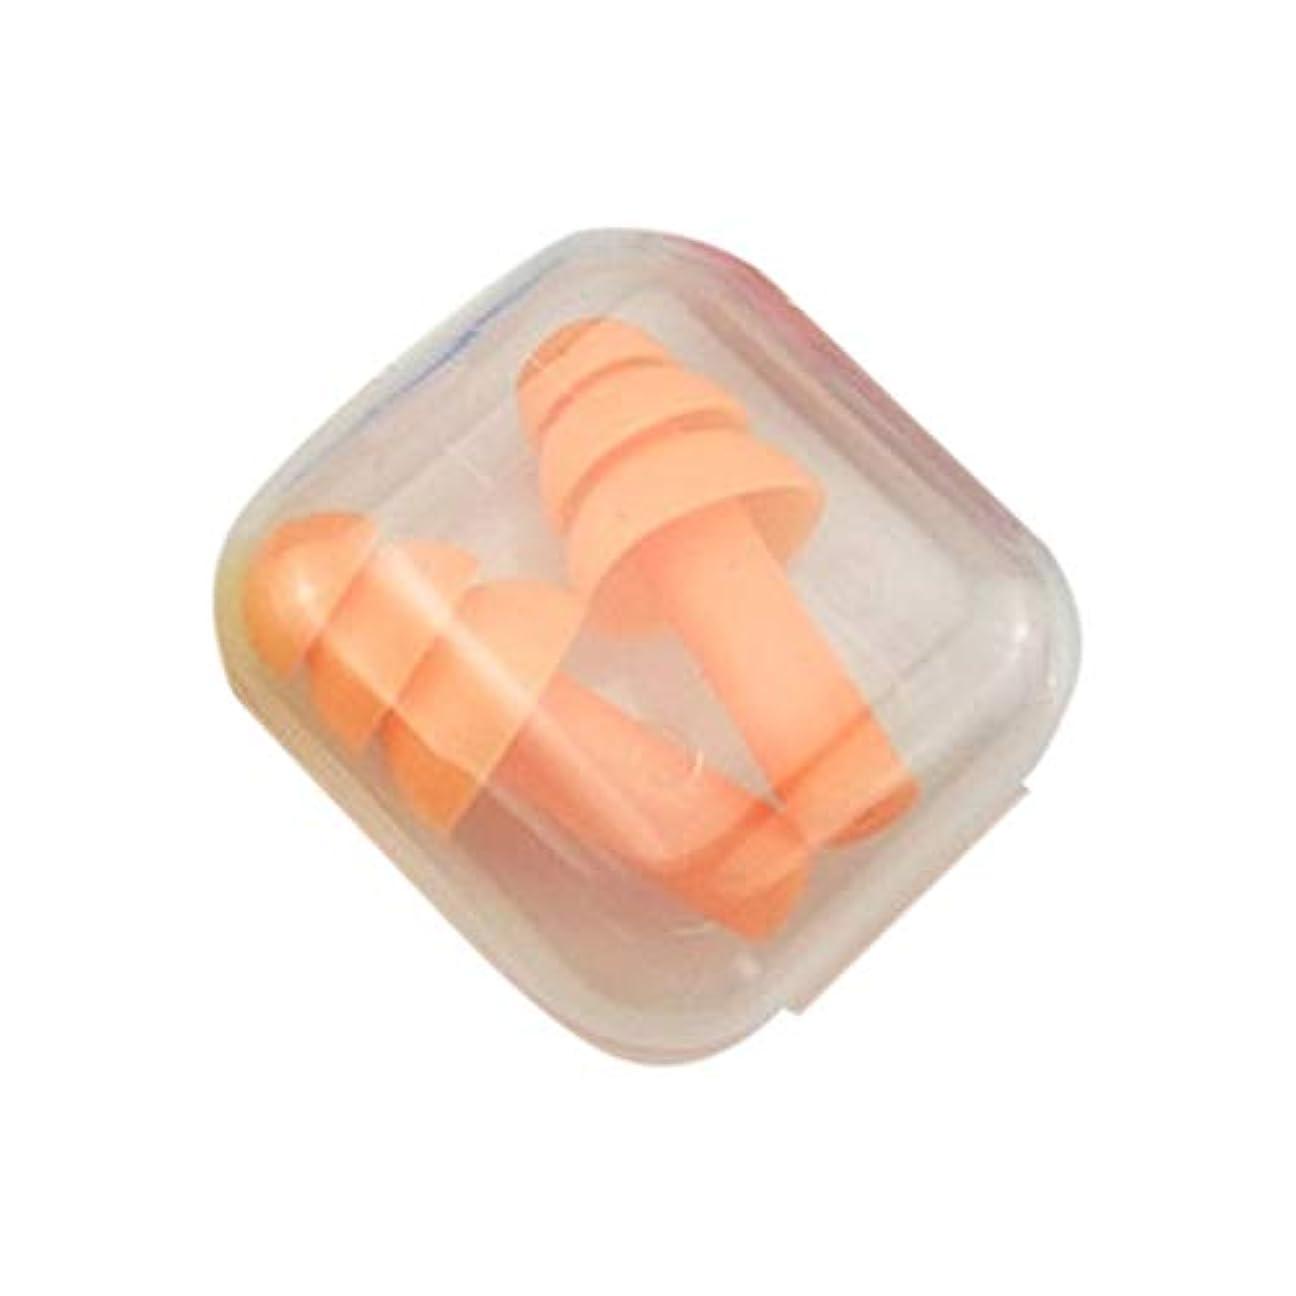 買い物に行く鳩可愛い柔らかいシリコーンの耳栓遮音用耳の保護用の耳栓防音睡眠ボックス付き収納ボックス - オレンジ